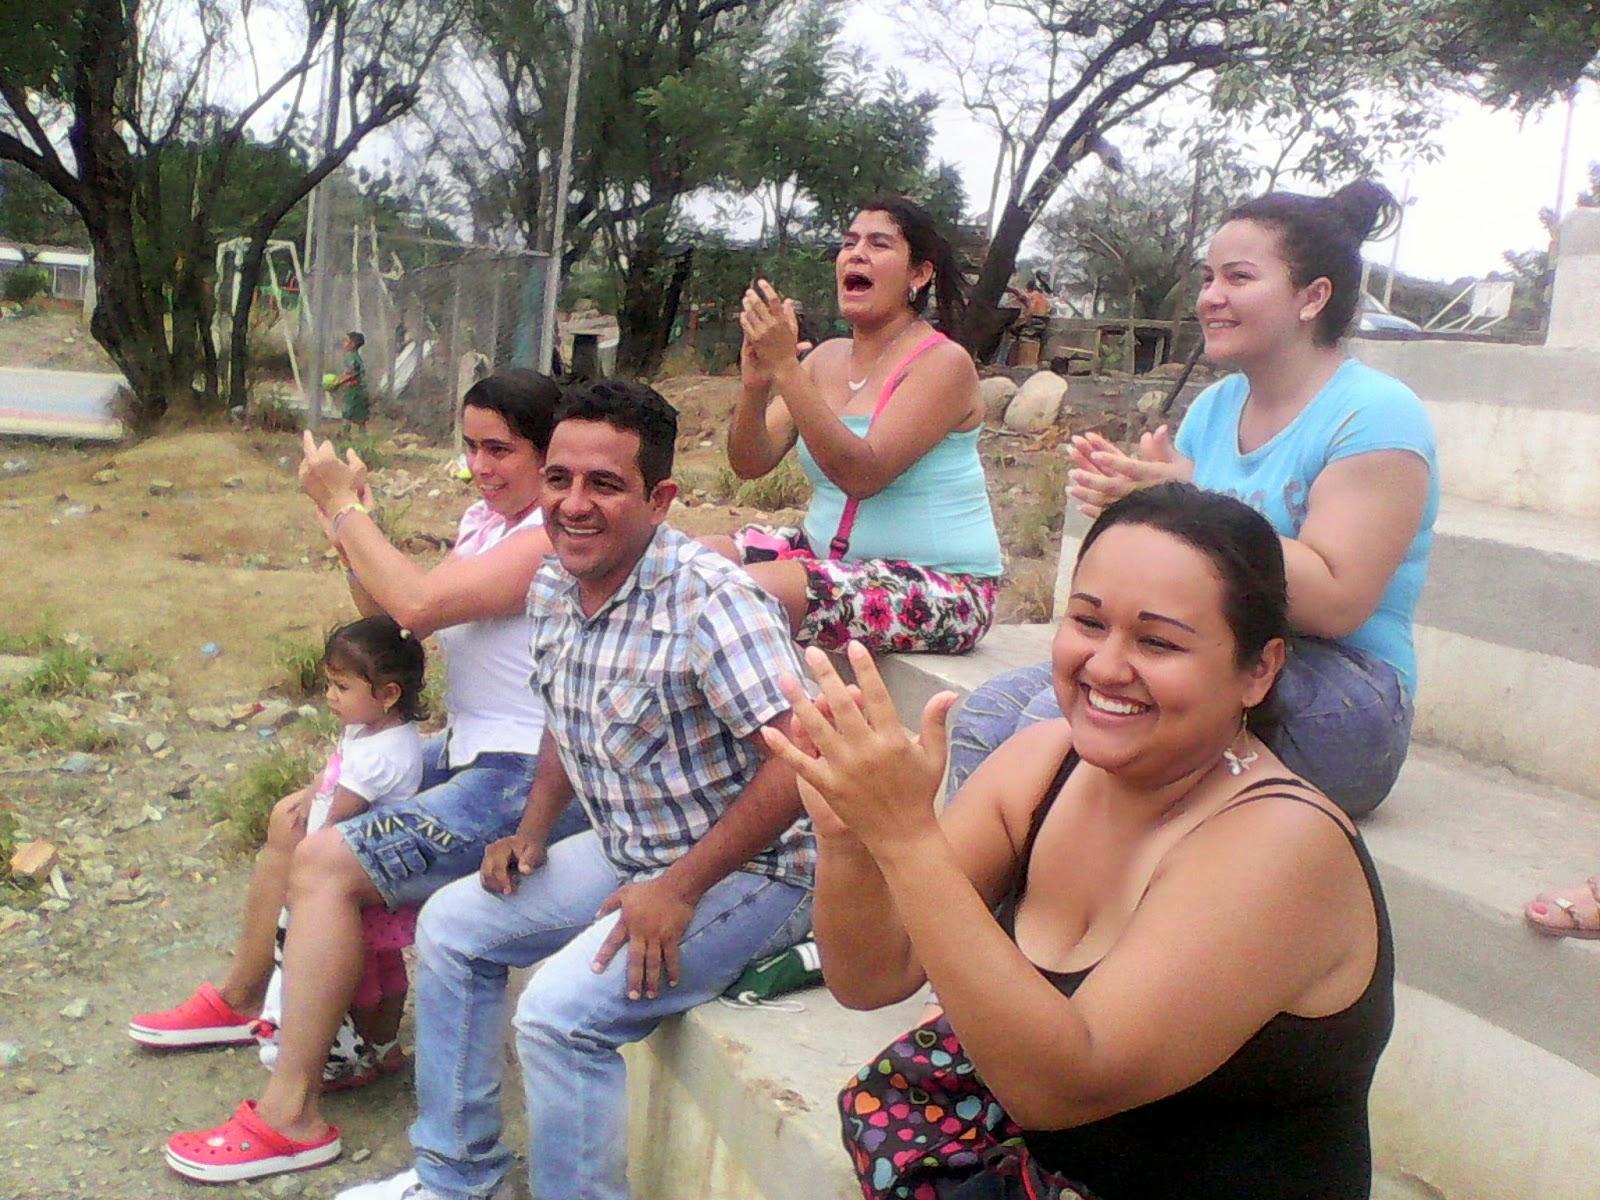 Familiares de los niños deportistas disfrutan del espectáculo en cancha La Virgen de Comuneros Foto Félix Contreras de ATALAYA Y SU GENTE OngAE